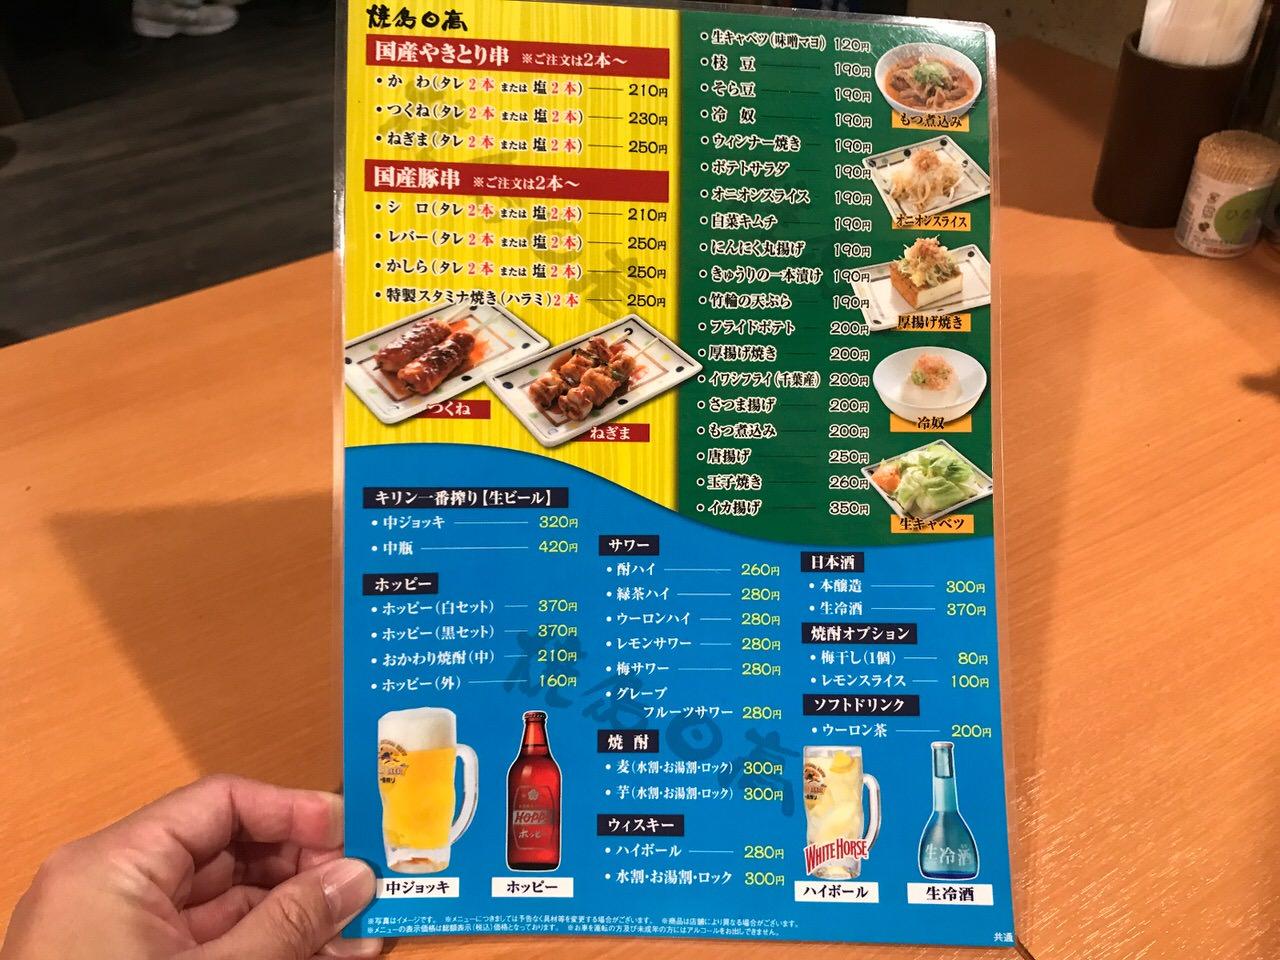 Yakitori hidaka 0205185836